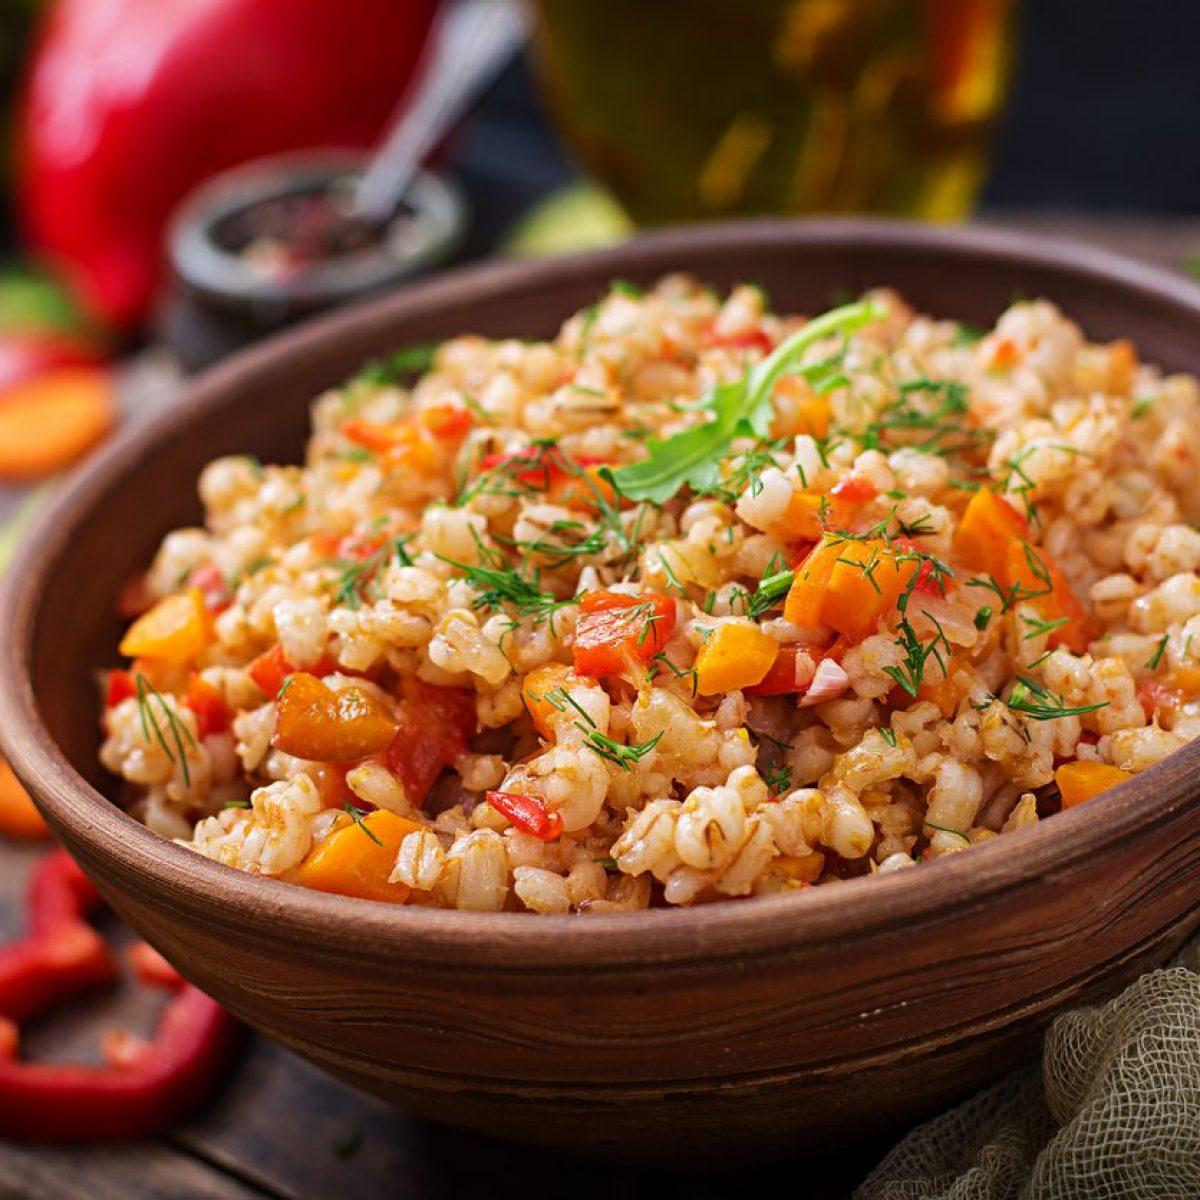 Ricette Orzo Vegetariano.Insalata Di Orzo La Ricetta Per Un Piatto Unico Light E Veloce